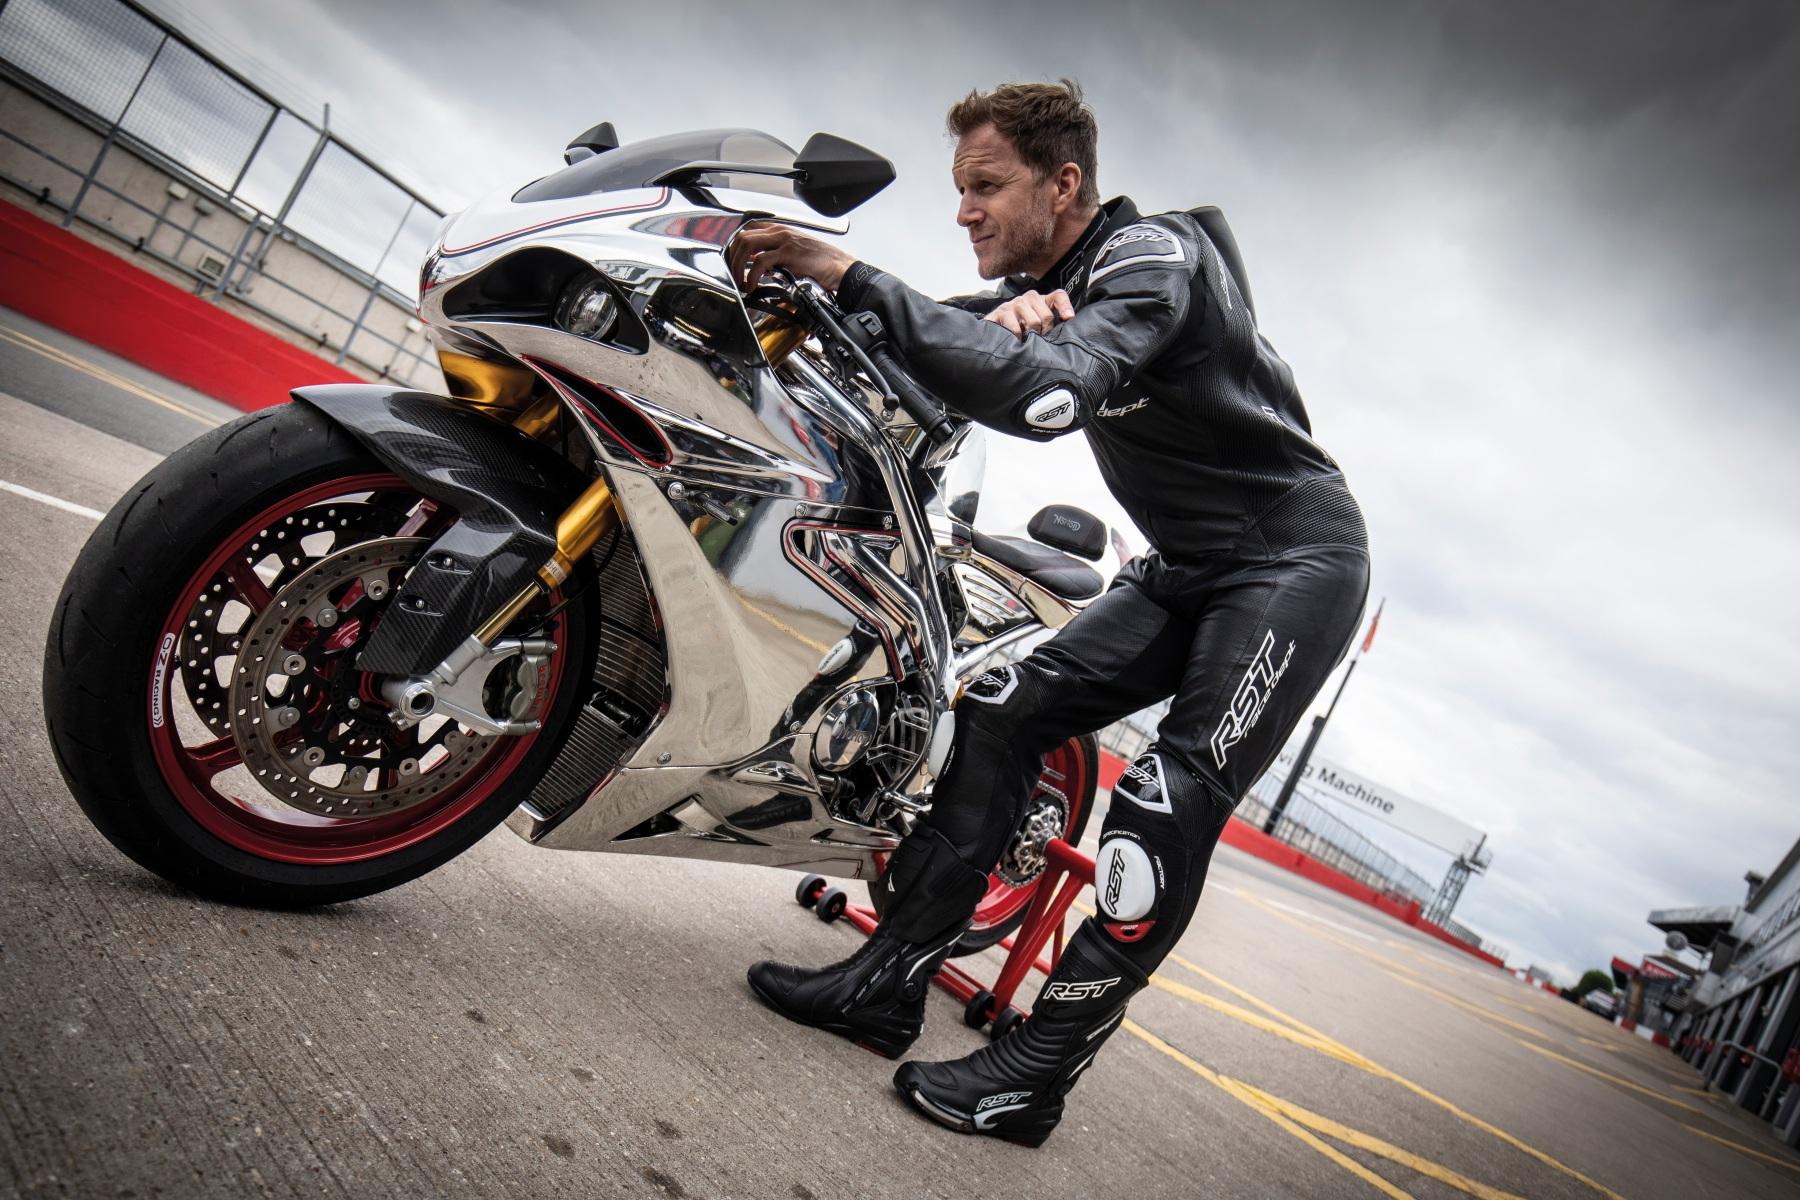 102551-rst-race-dept-v4-1-one-piece-suit-black-lifestyle-04